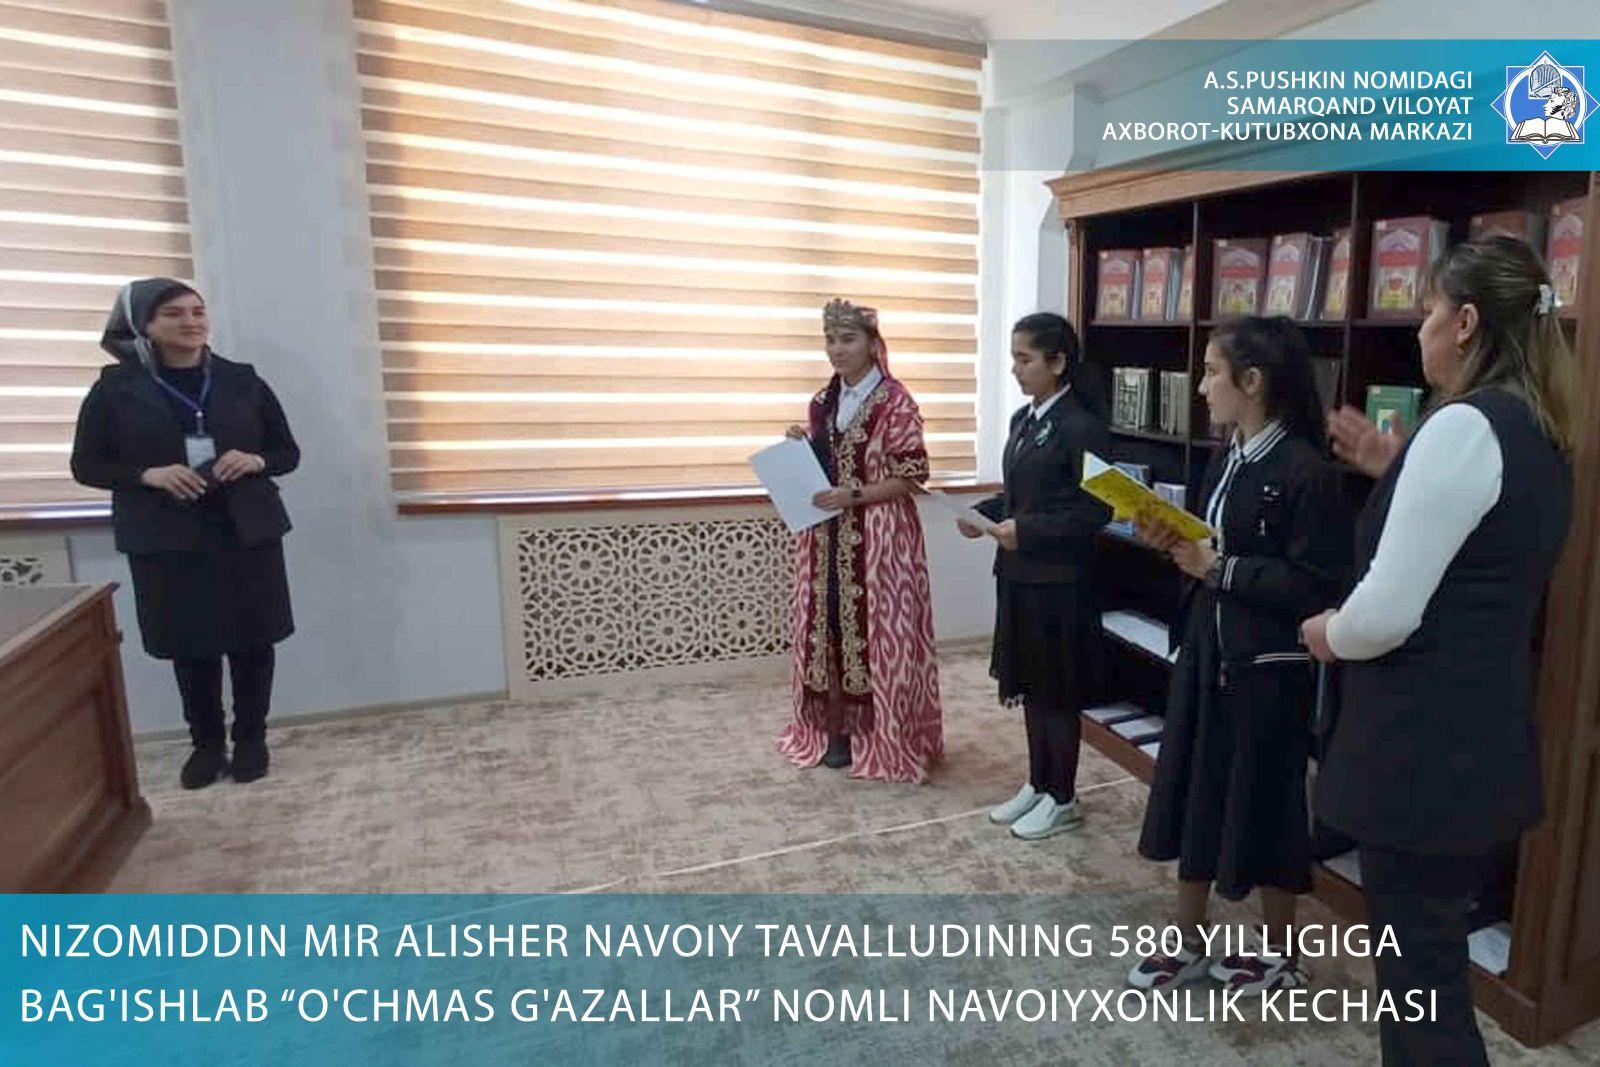 """Nizomiddin Mir Alisher Navoiy tavalludining 580 yilligiga bag'ishlab """"O'chmas g'azallar"""" nomli navoiyxonlik kechasi"""